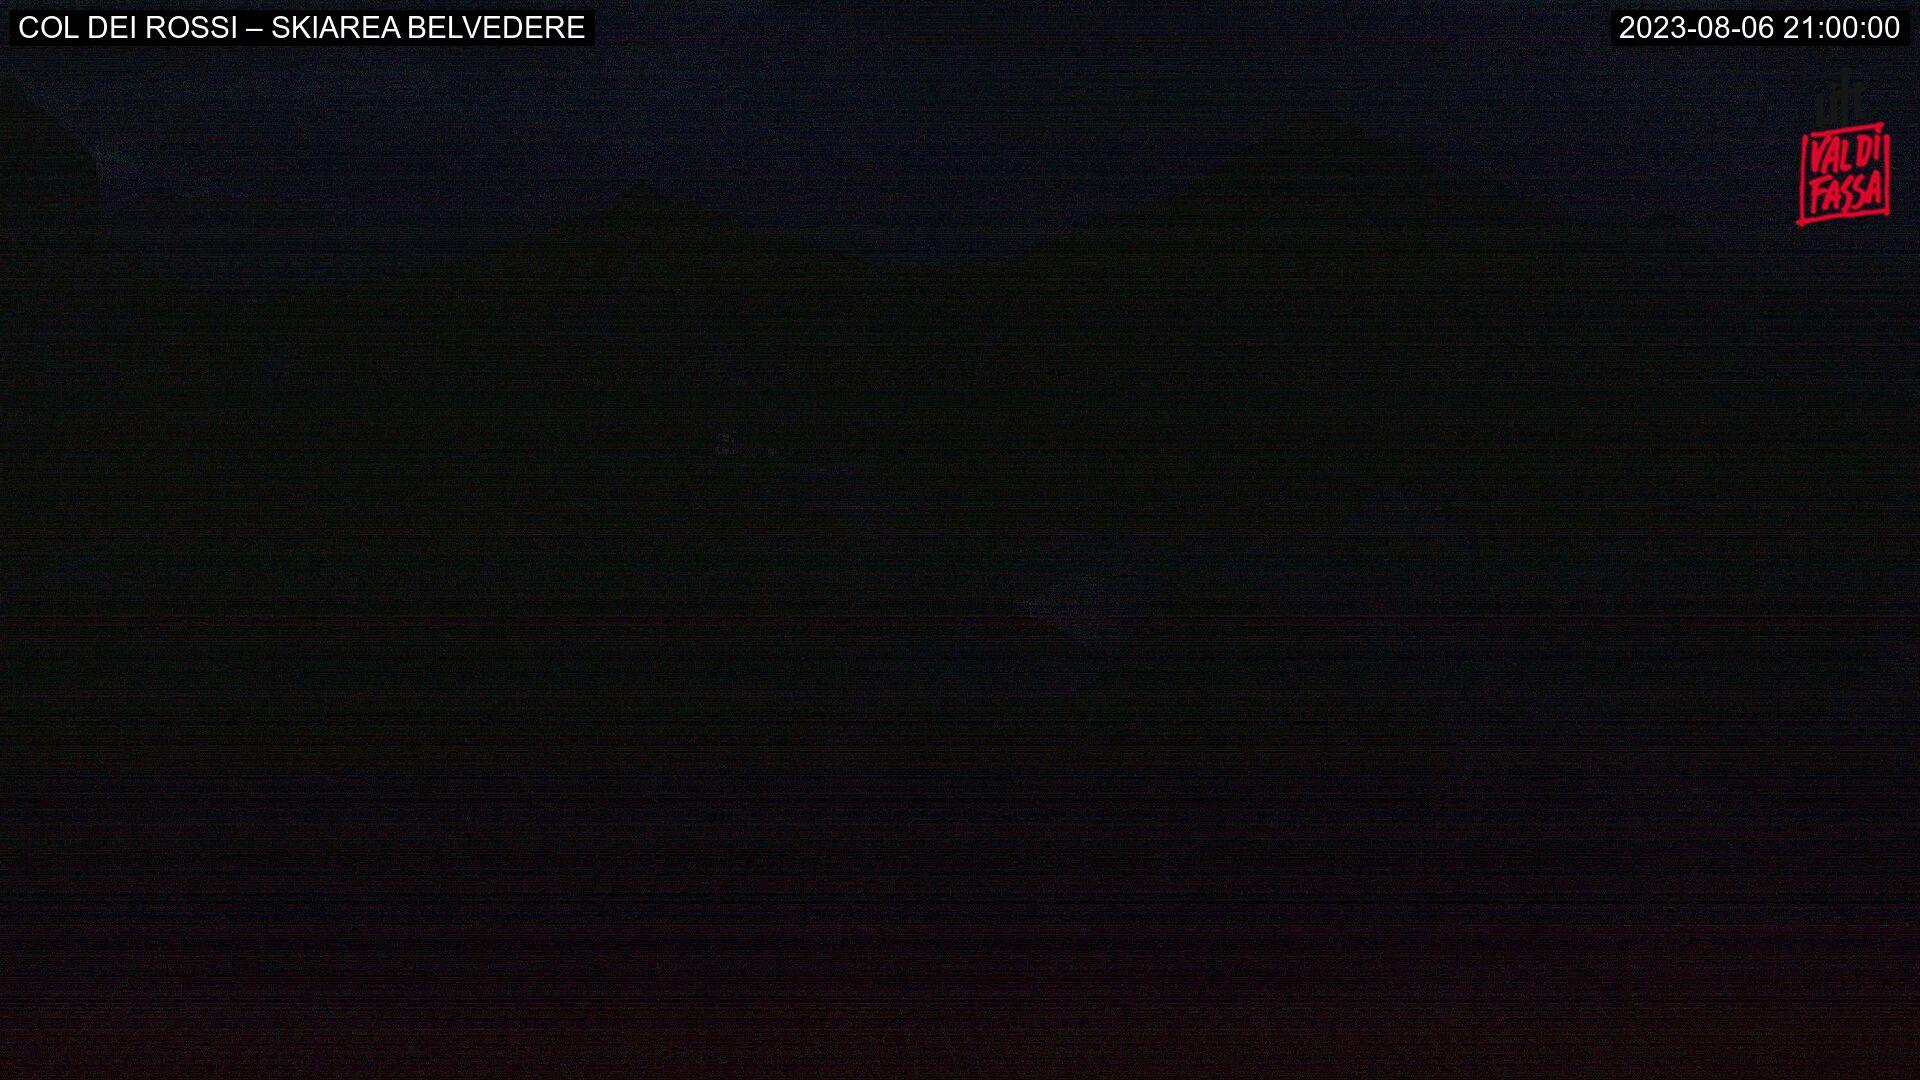 Webcam Canazei - Belvedere - Col dei Rossi - Altitudine: 2.413 metriPosizione: Col dei RossiPunto Panoramico: webcam statica. L'immagine presenta uno scorcio della ski area di Canazei con le seggiovie